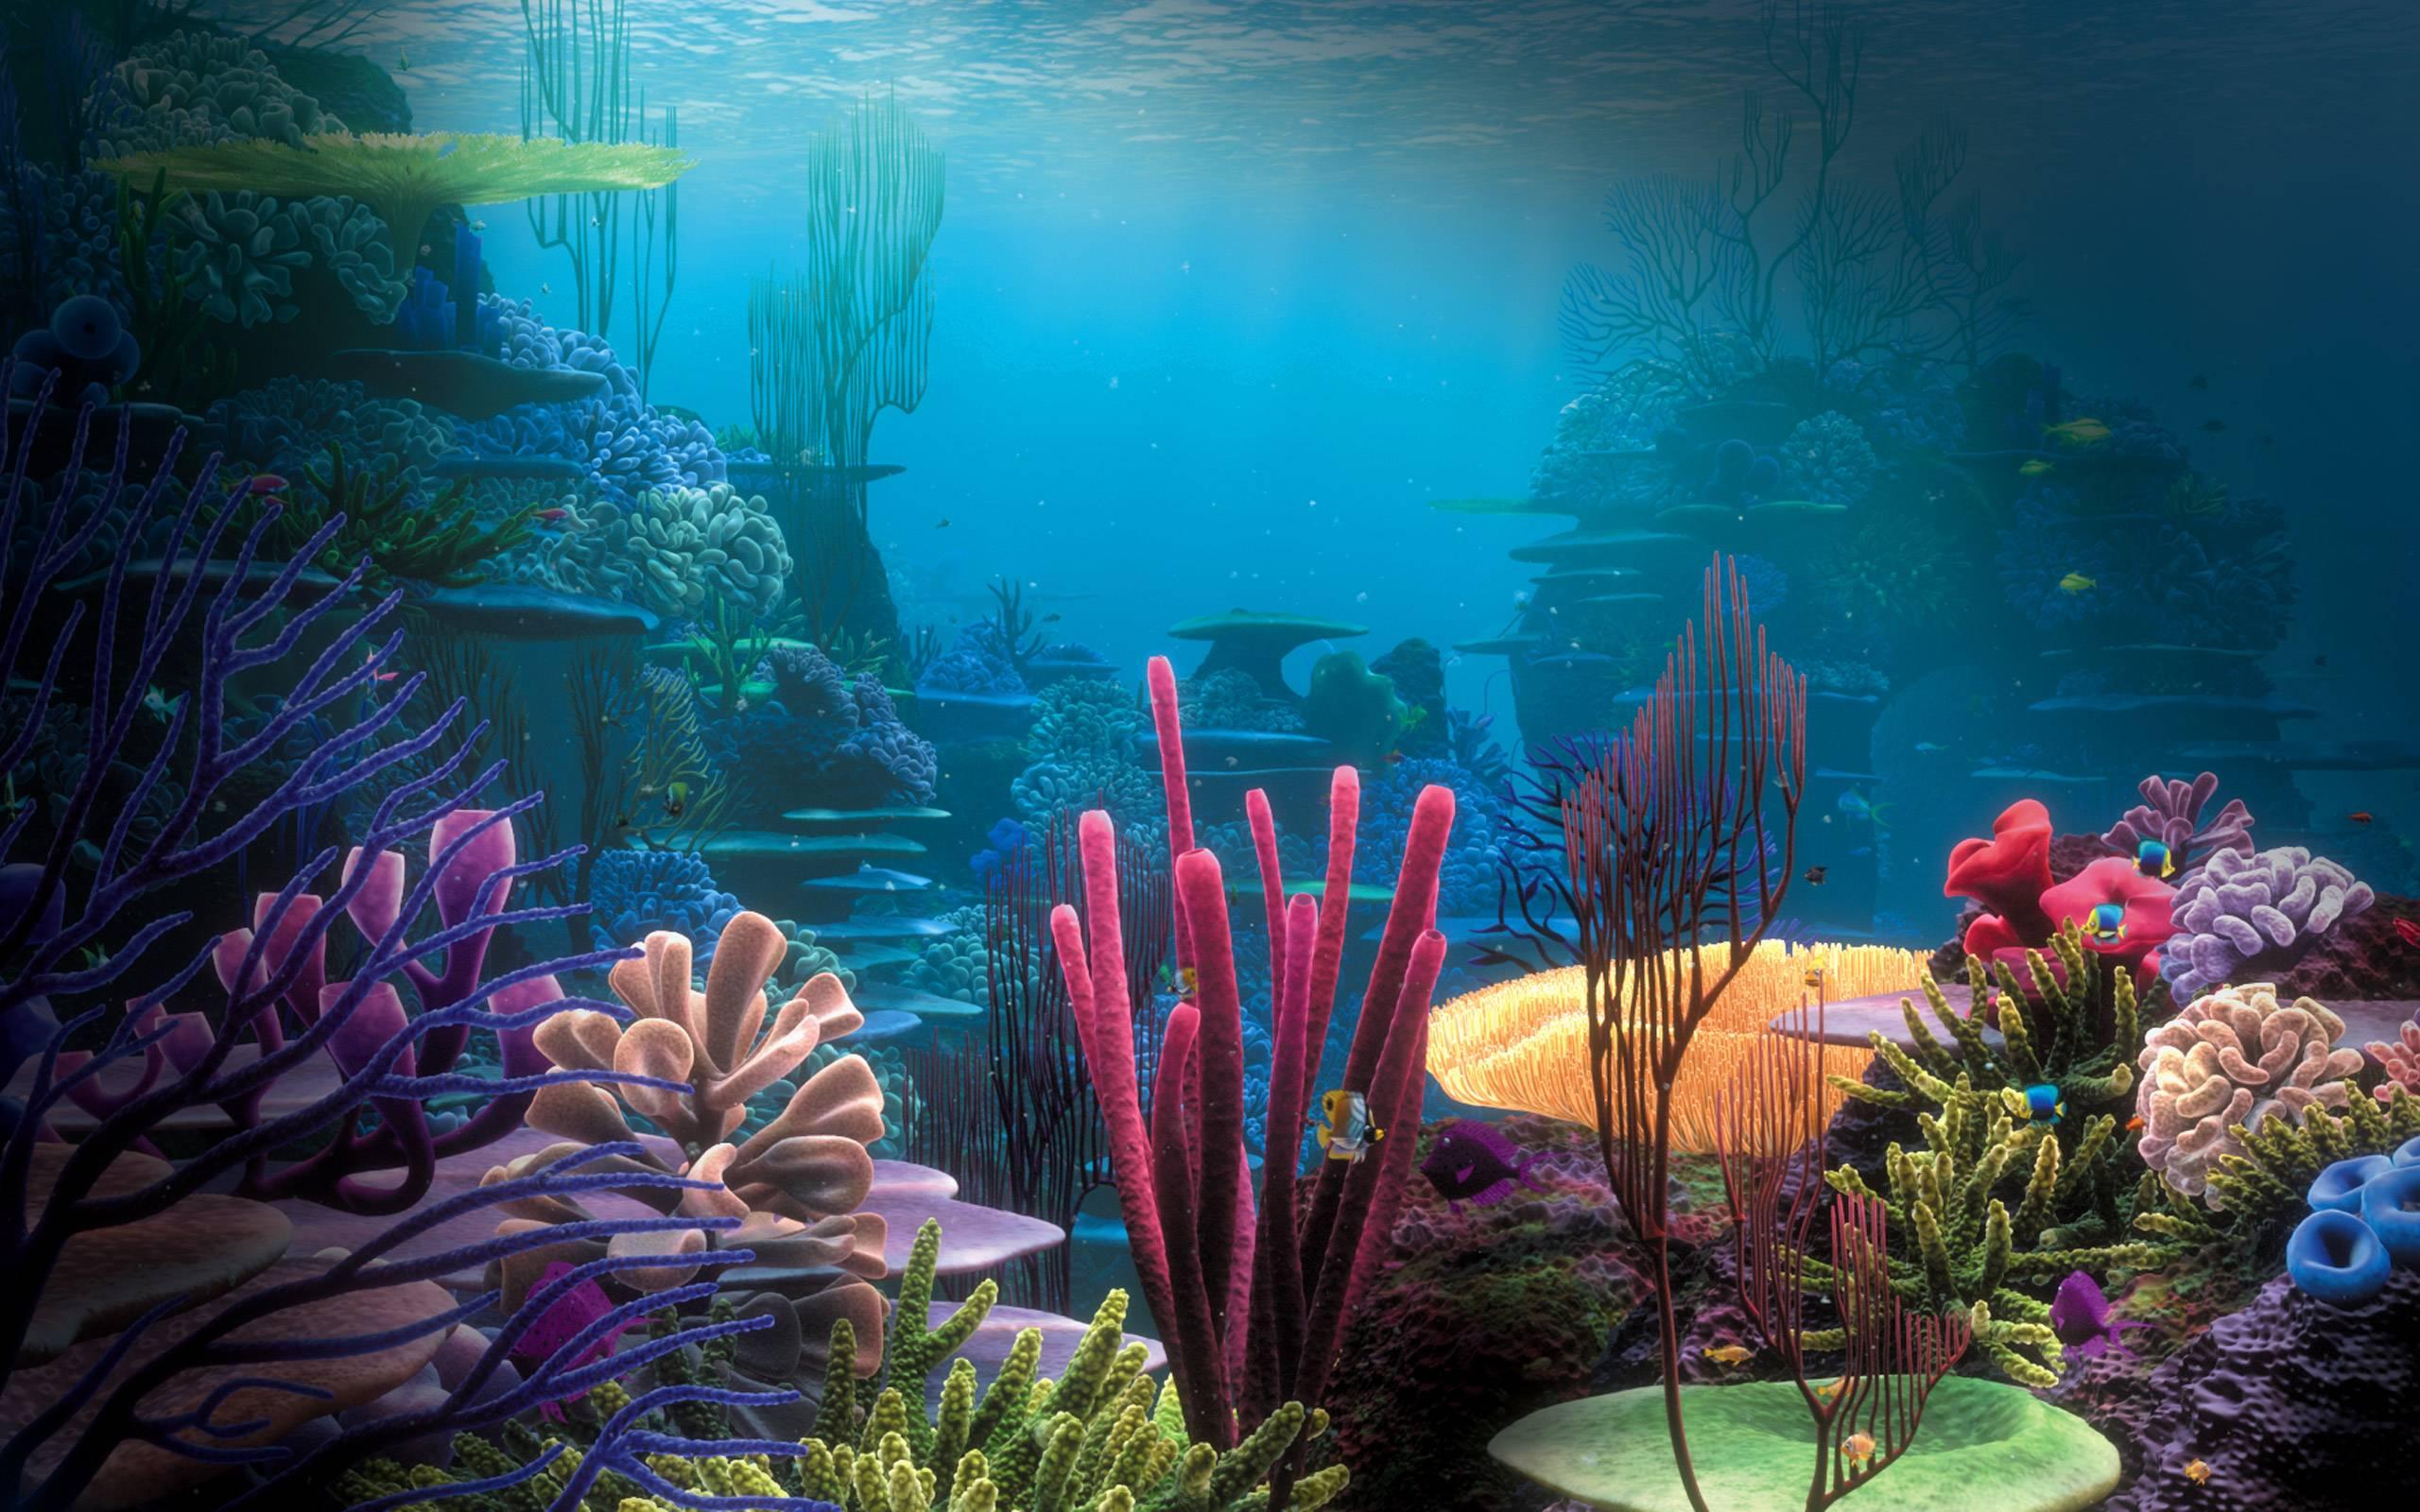 ocean underwater wallpaper hd   pixelstalk